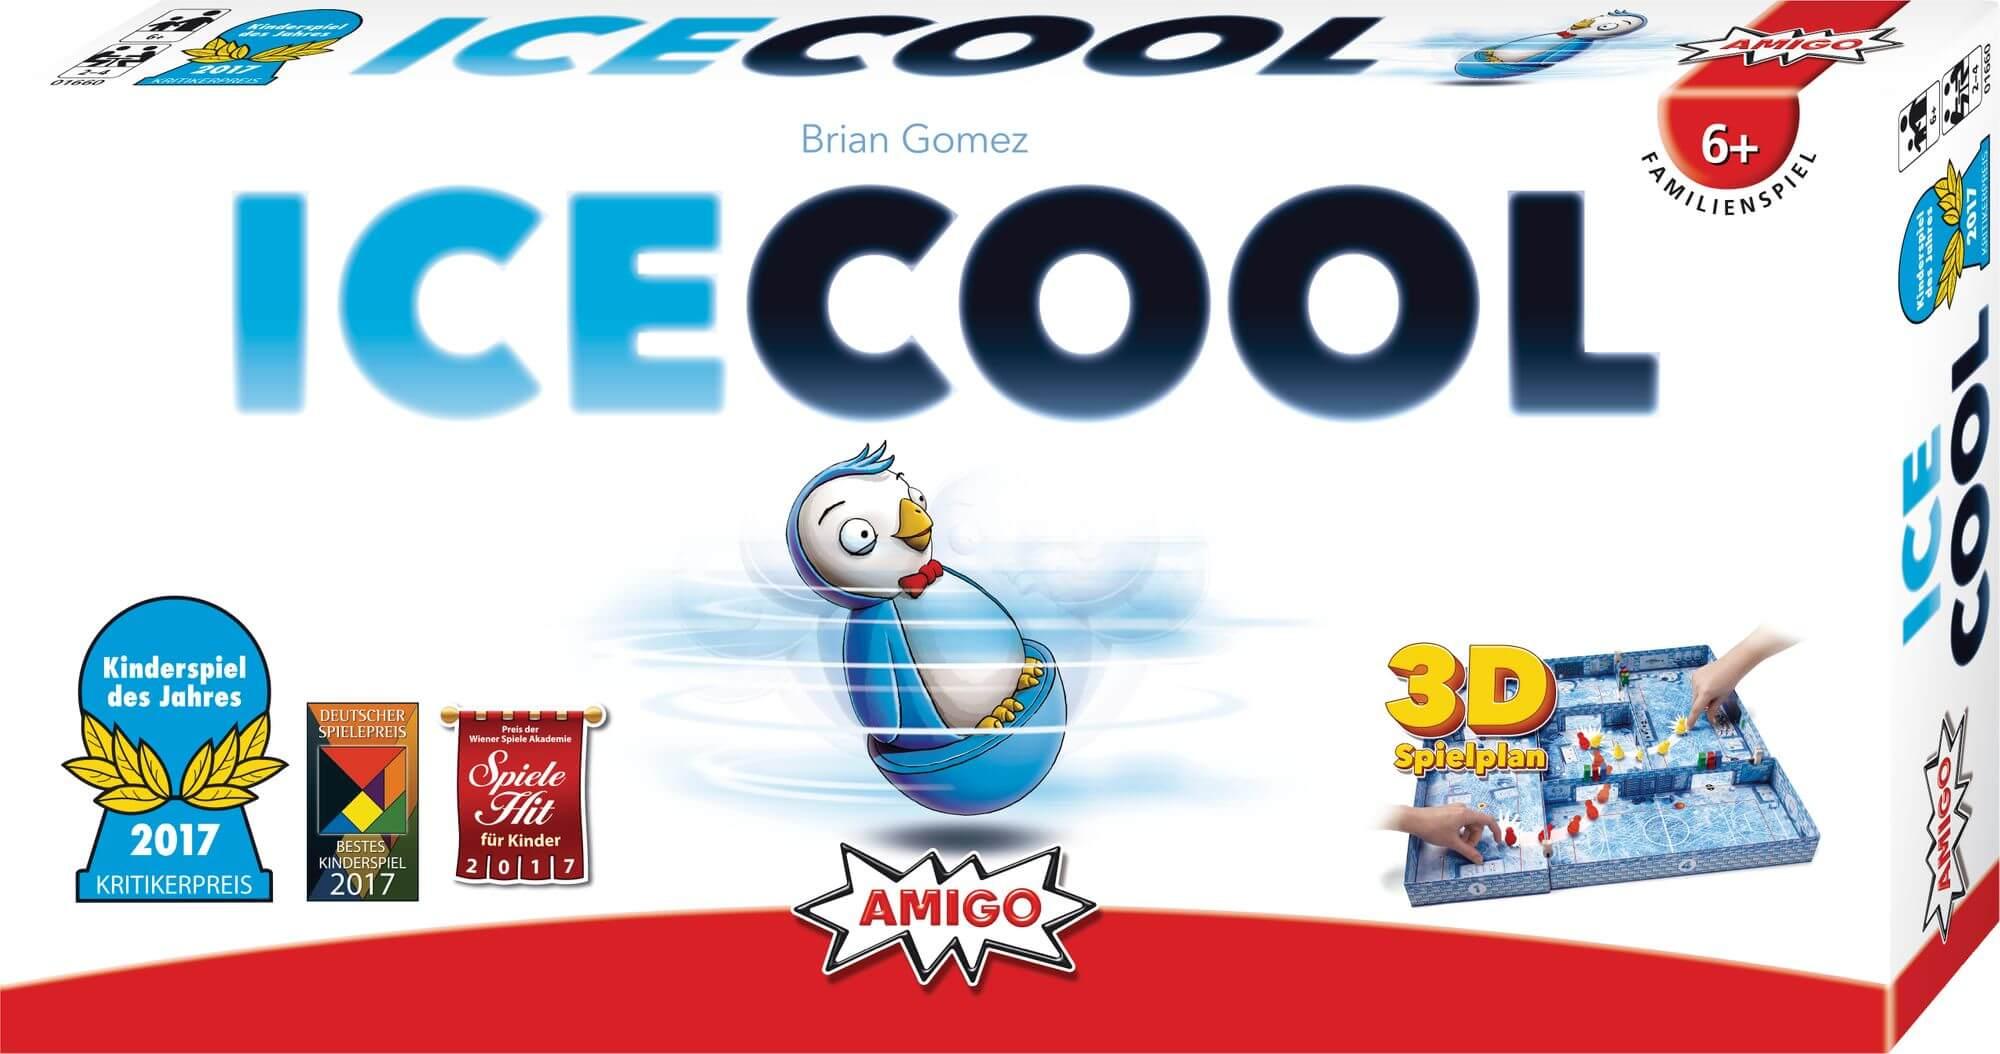 Schachtel Vorderseite, linke Seite - Kinderspiel des Jahres 2017- ICECOOL